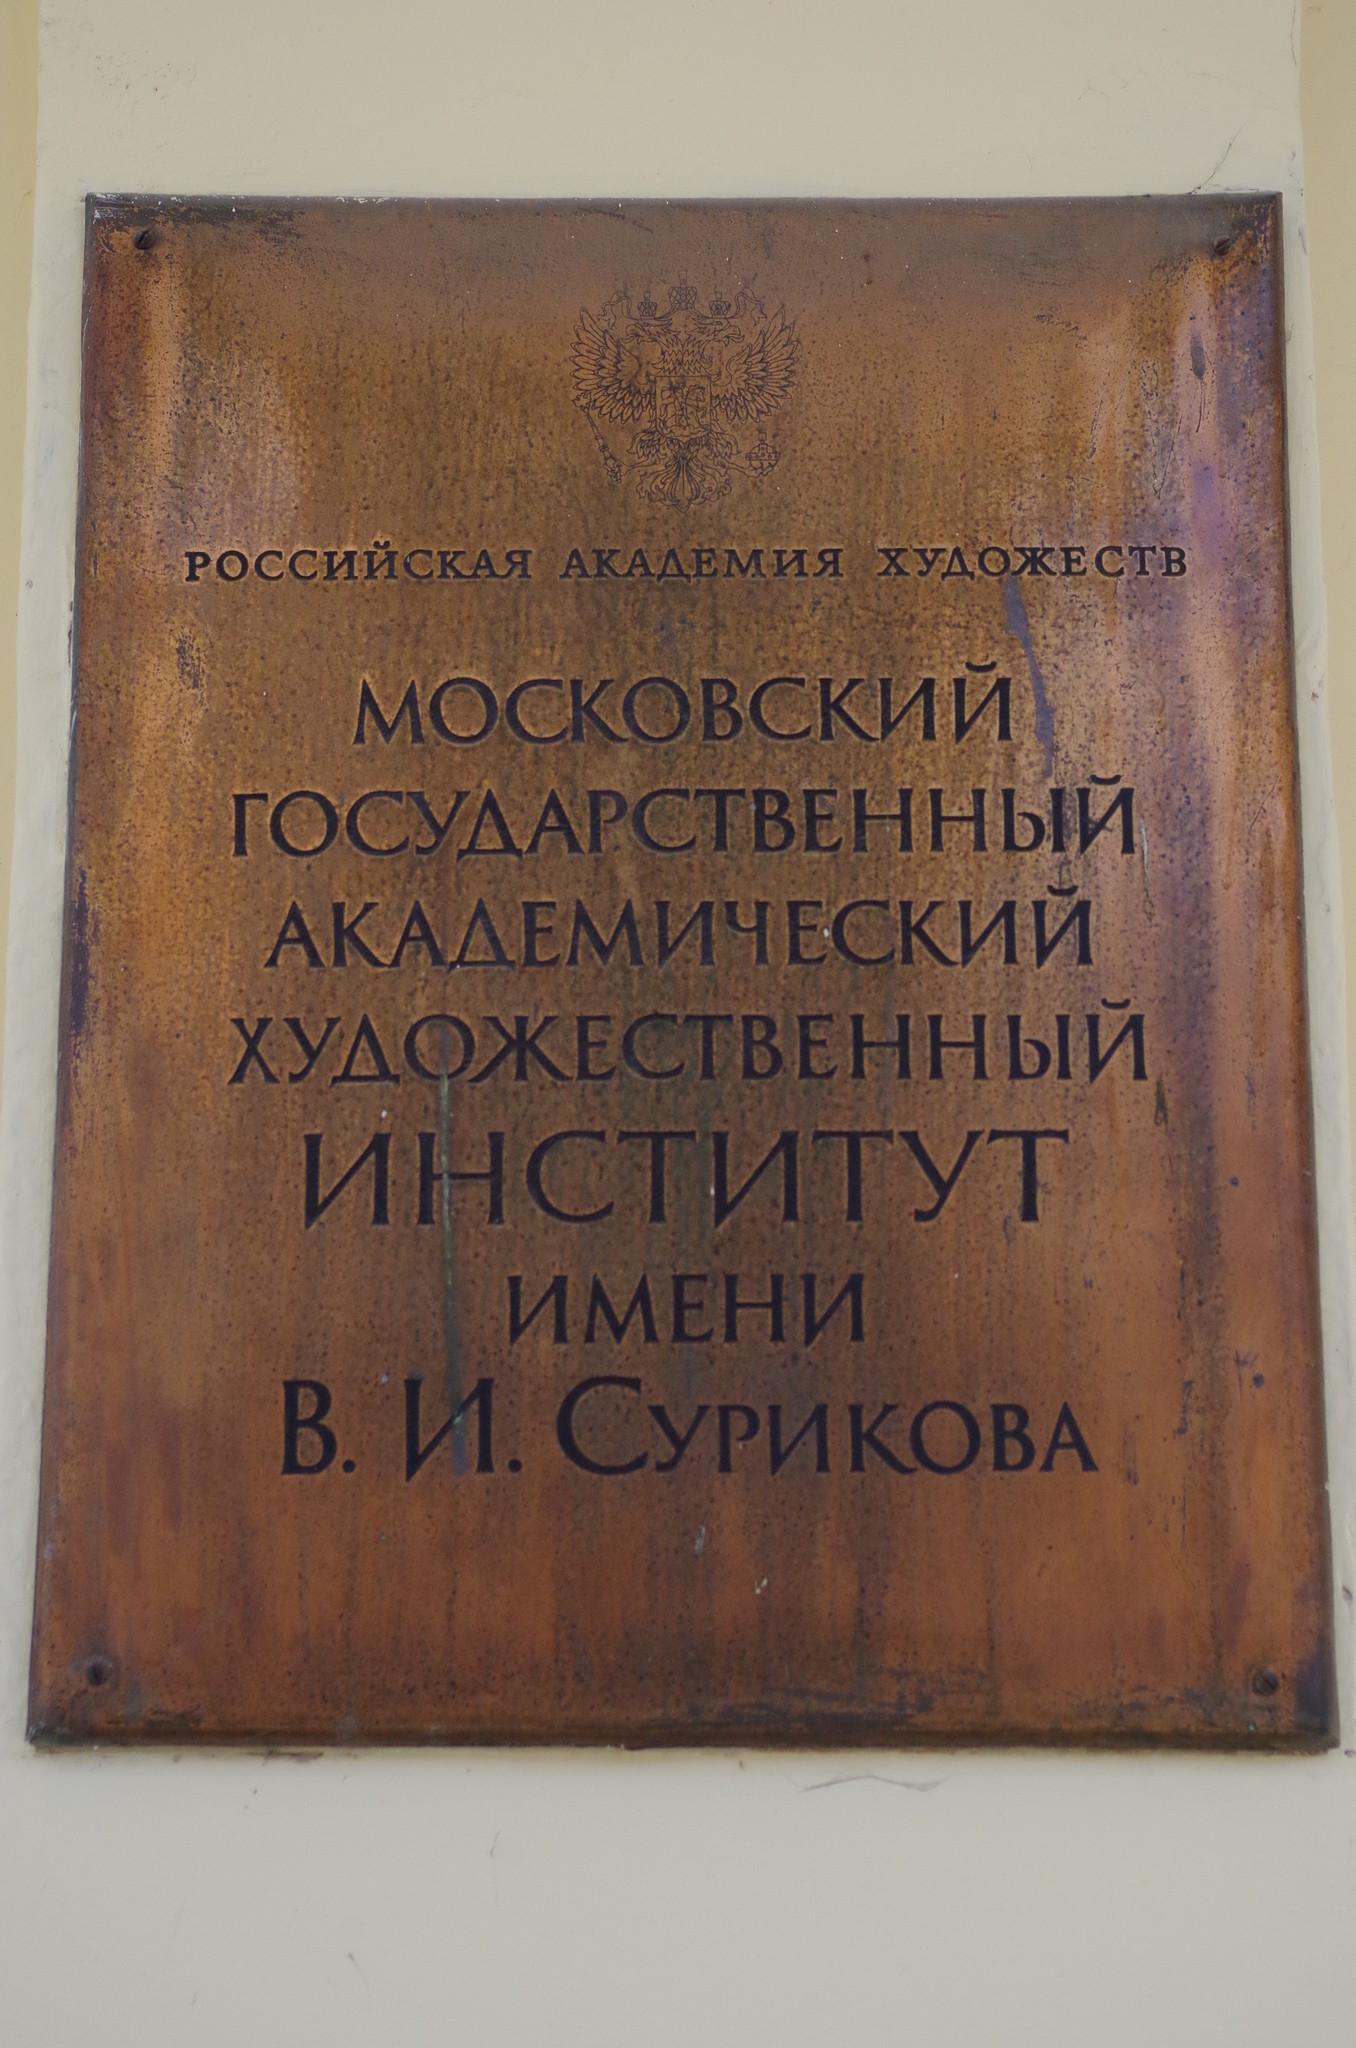 Московский государственный академический художественный институт имени В.И. Сурикова